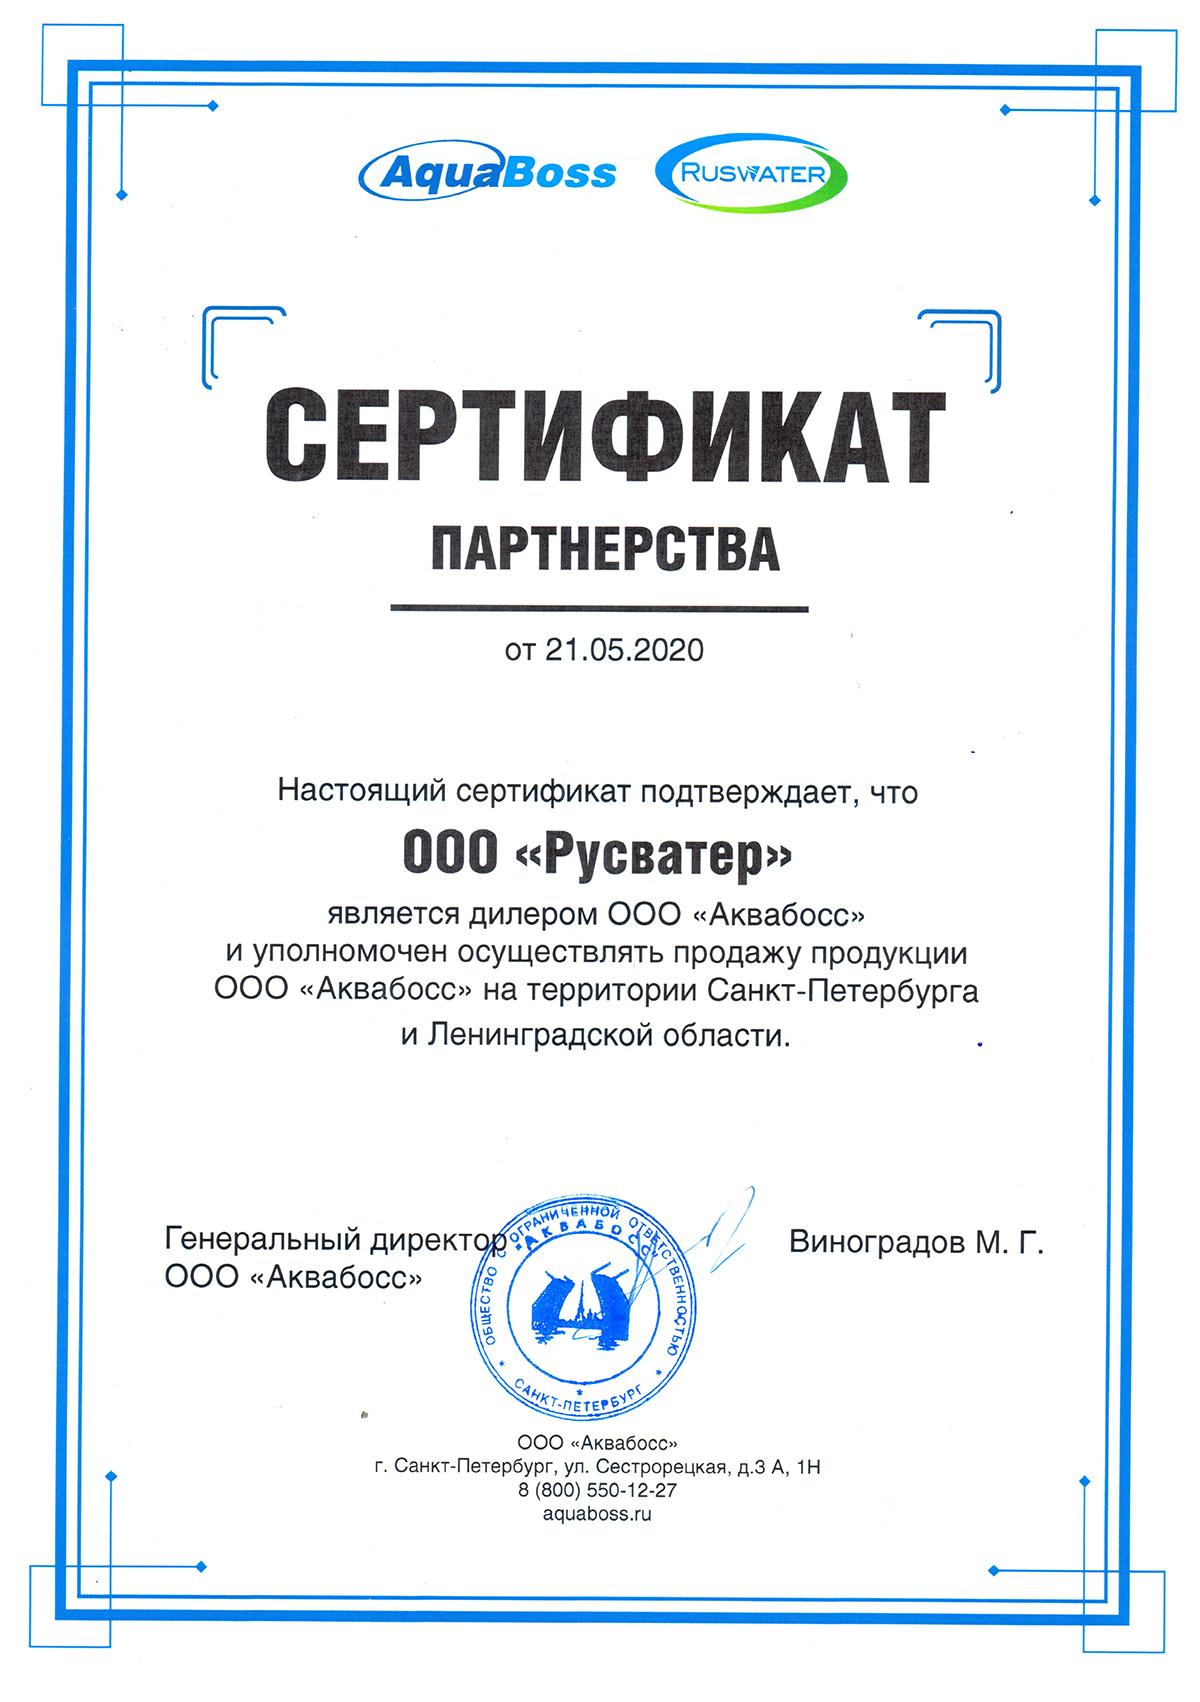 Сертификат партнерства с компанией Аквабосс ООО